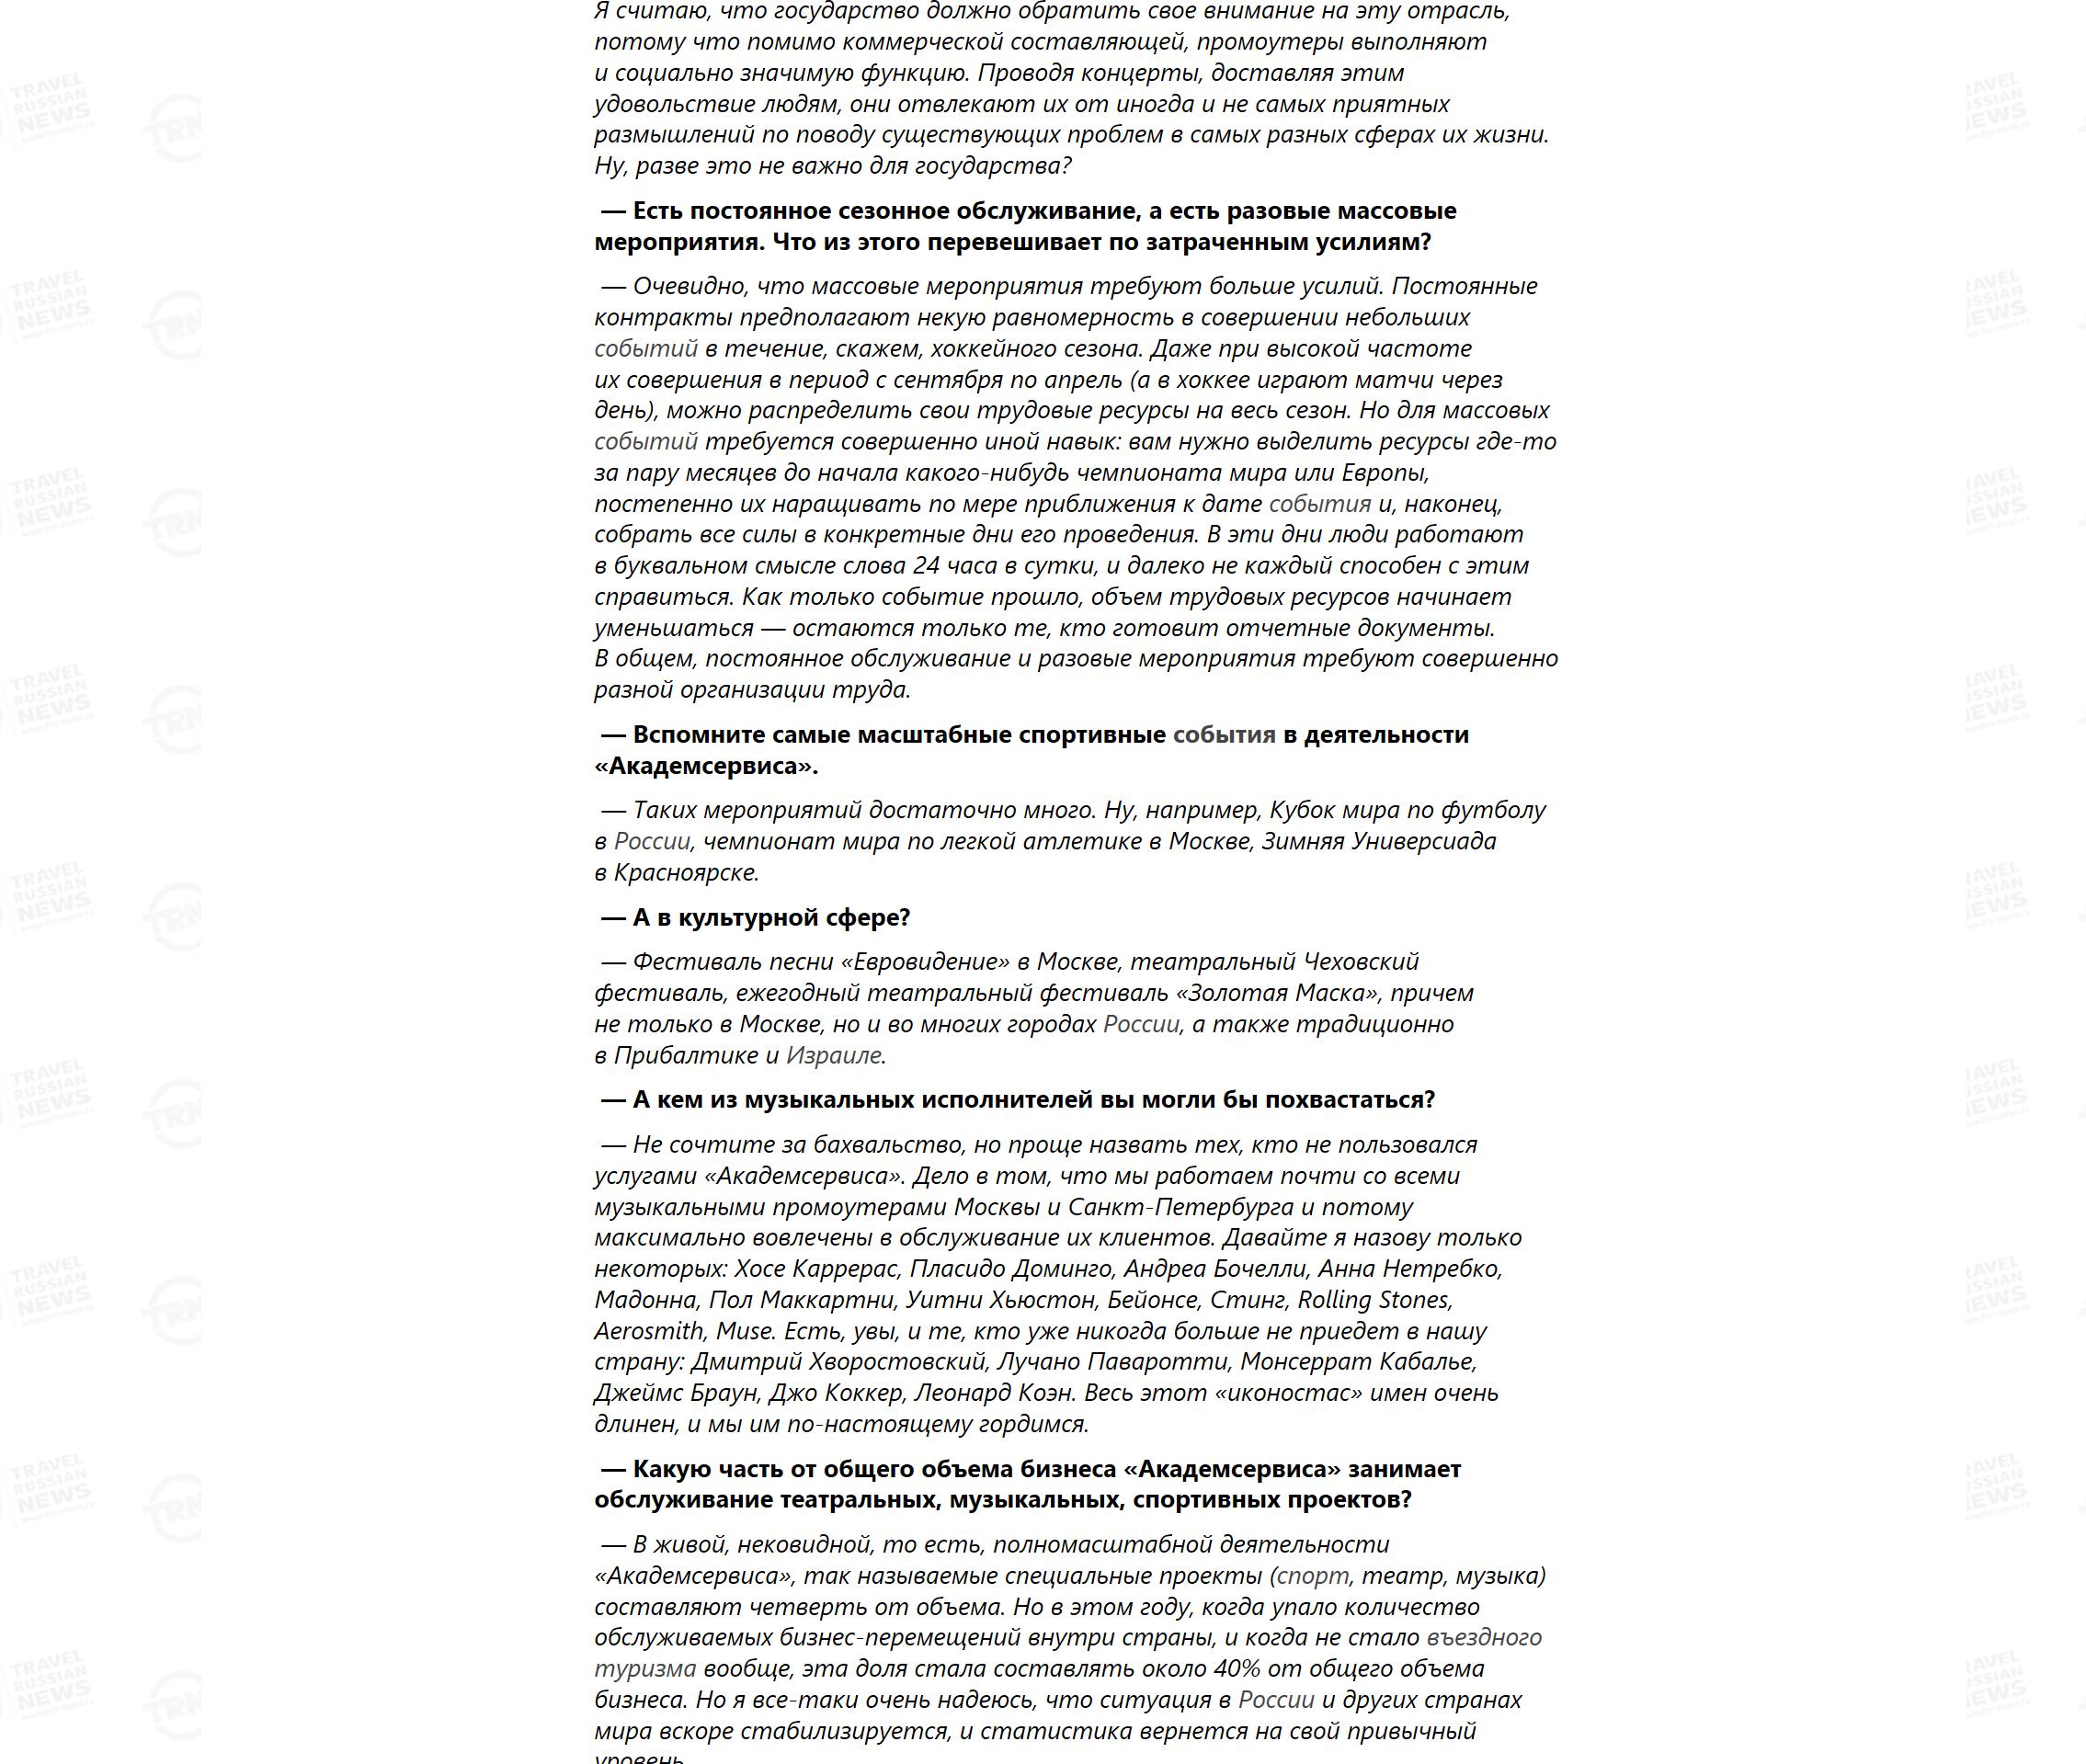 Travel Russian News, www.trn-news.ru, 01.12.2020